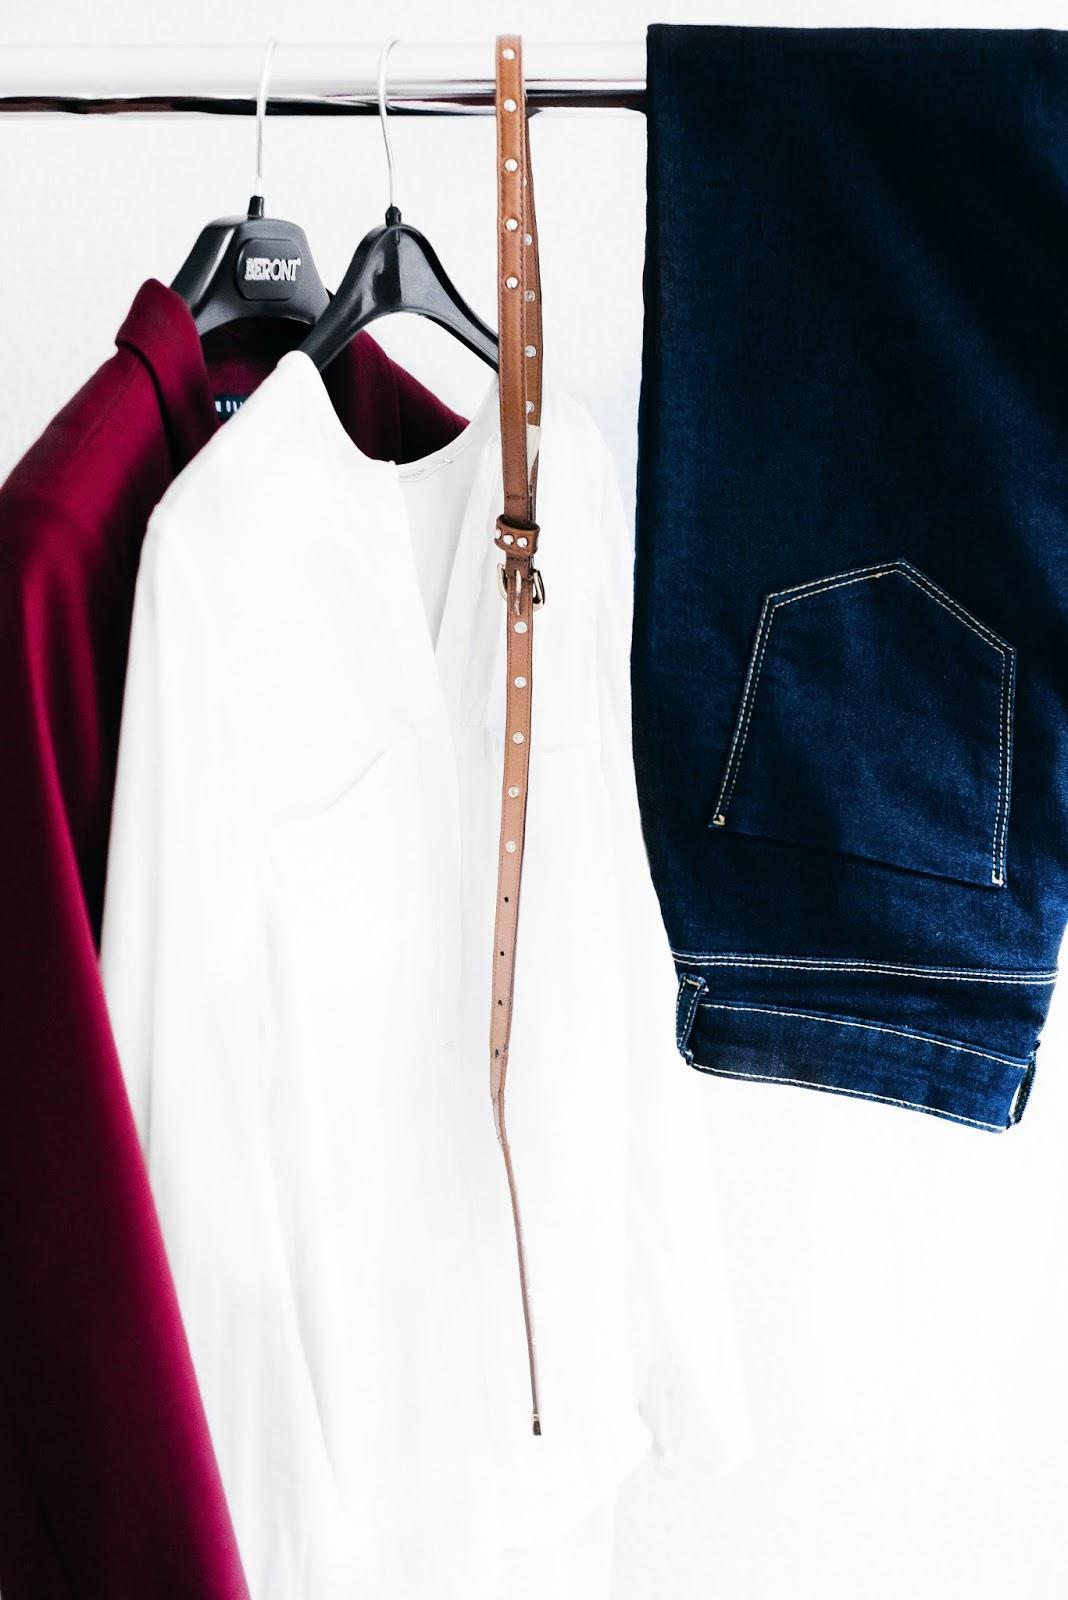 seminar kleider machen leute - ein ganzer tag mit mode